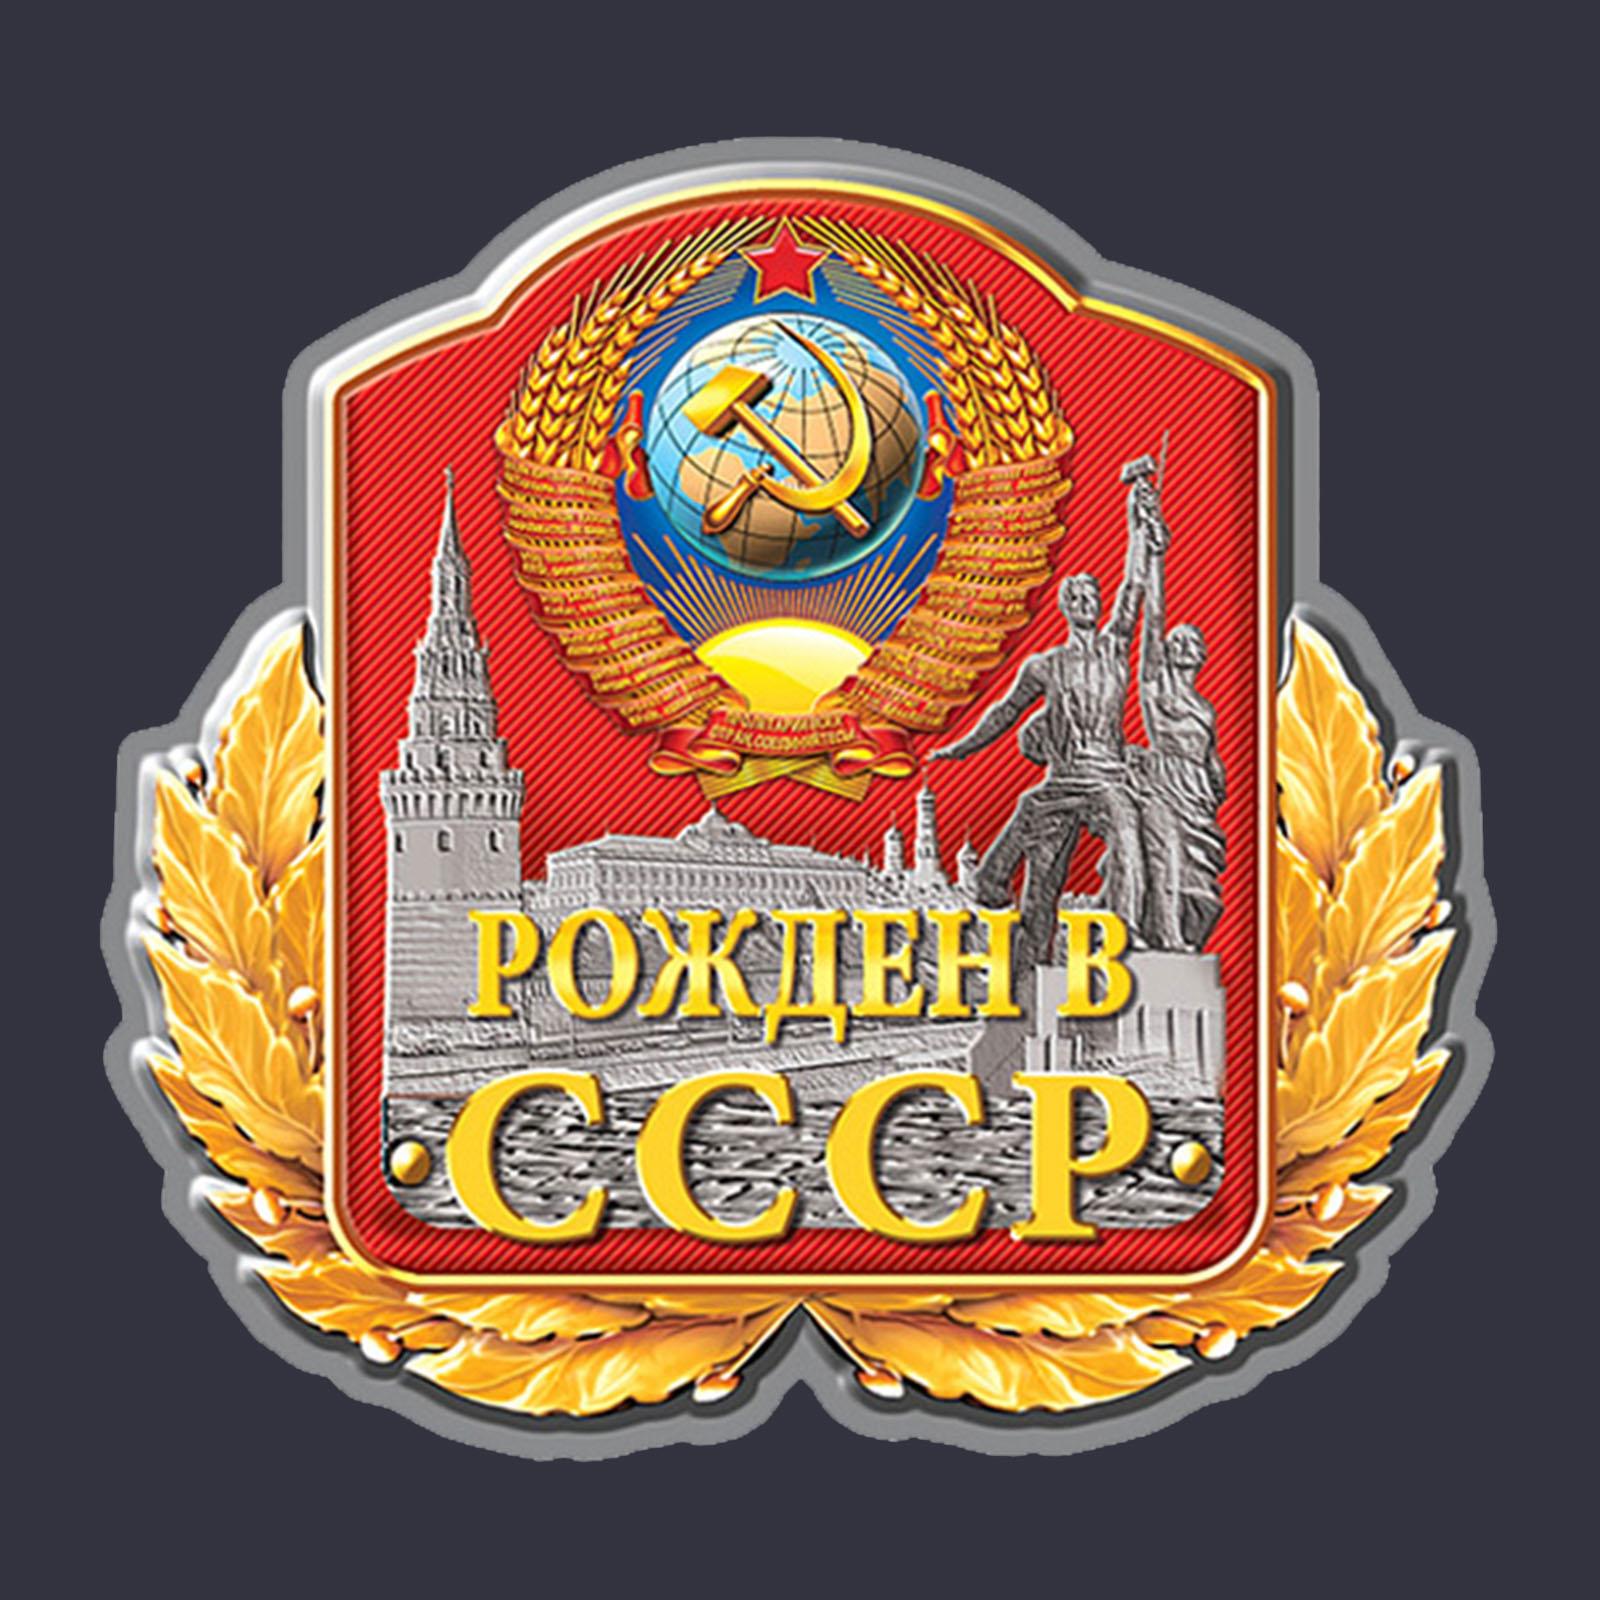 Купить оригинальную темно-синюю бейсболку с термонаклейкой Рожден в СССР оптом или в розницу